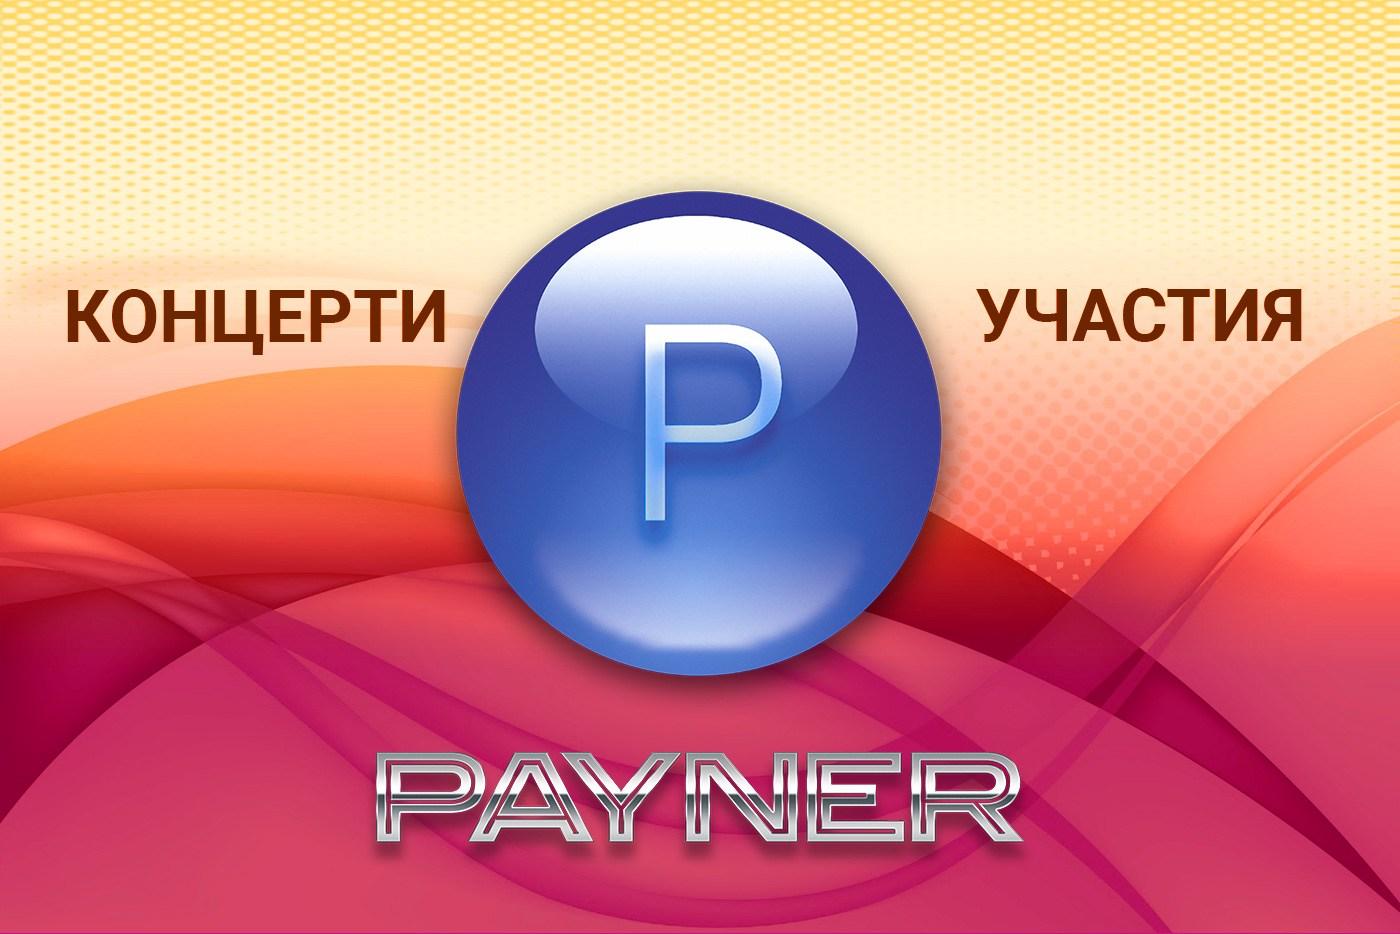 """Участия на звездите на """"Пайнер"""" на 16.02.2019"""